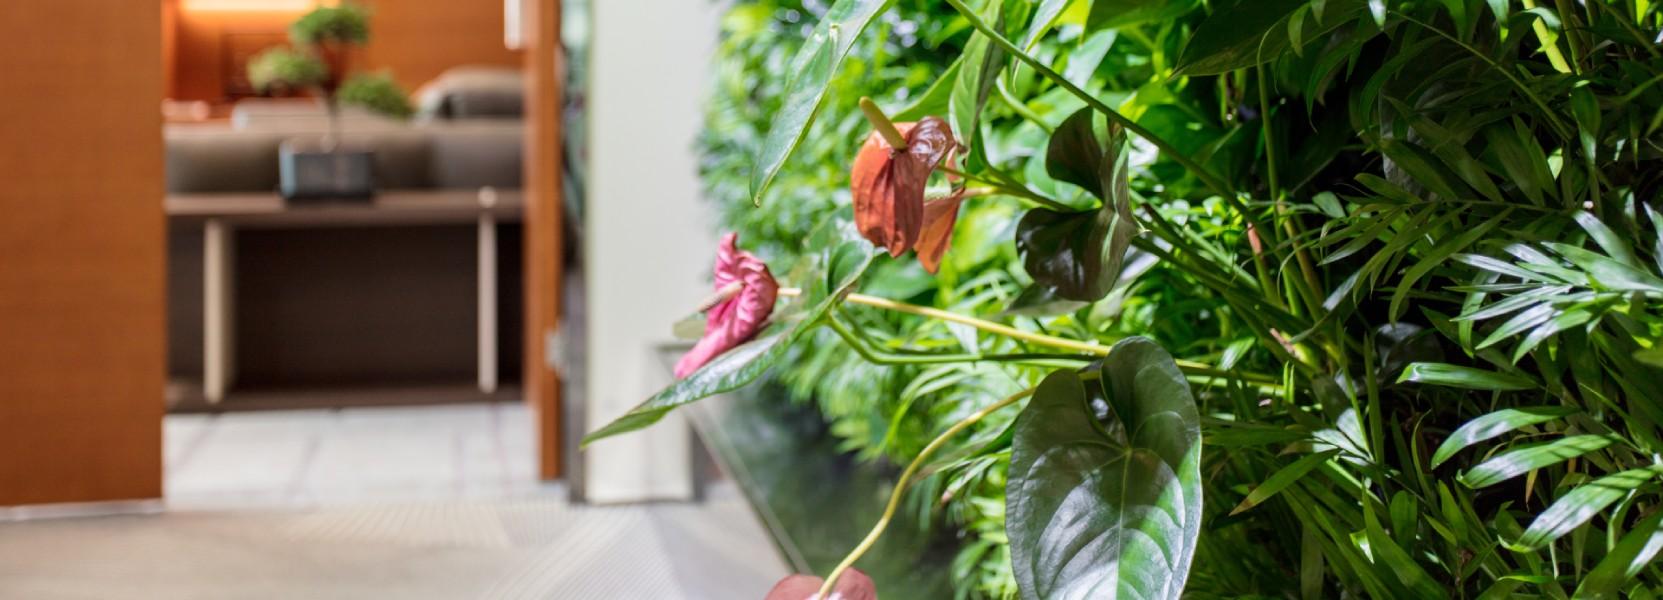 צמחיה להצמחת ערך הדירה